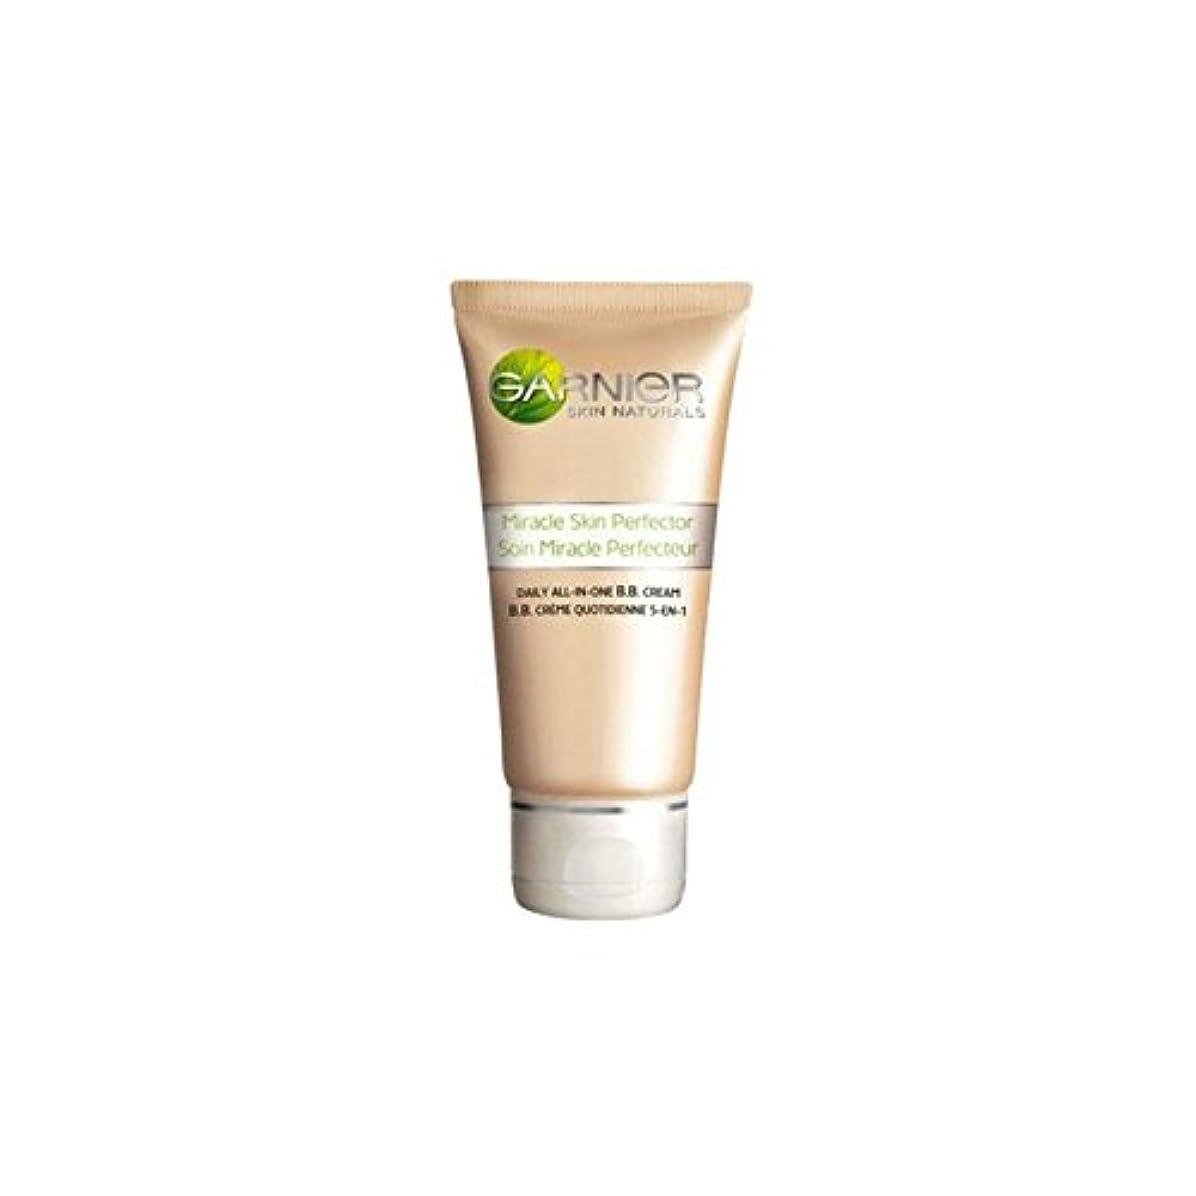 革命水っぽい利用可能Garnier Original Medium Bb Cream (50ml) - ガルニエオリジナル媒体クリーム(50)中 [並行輸入品]